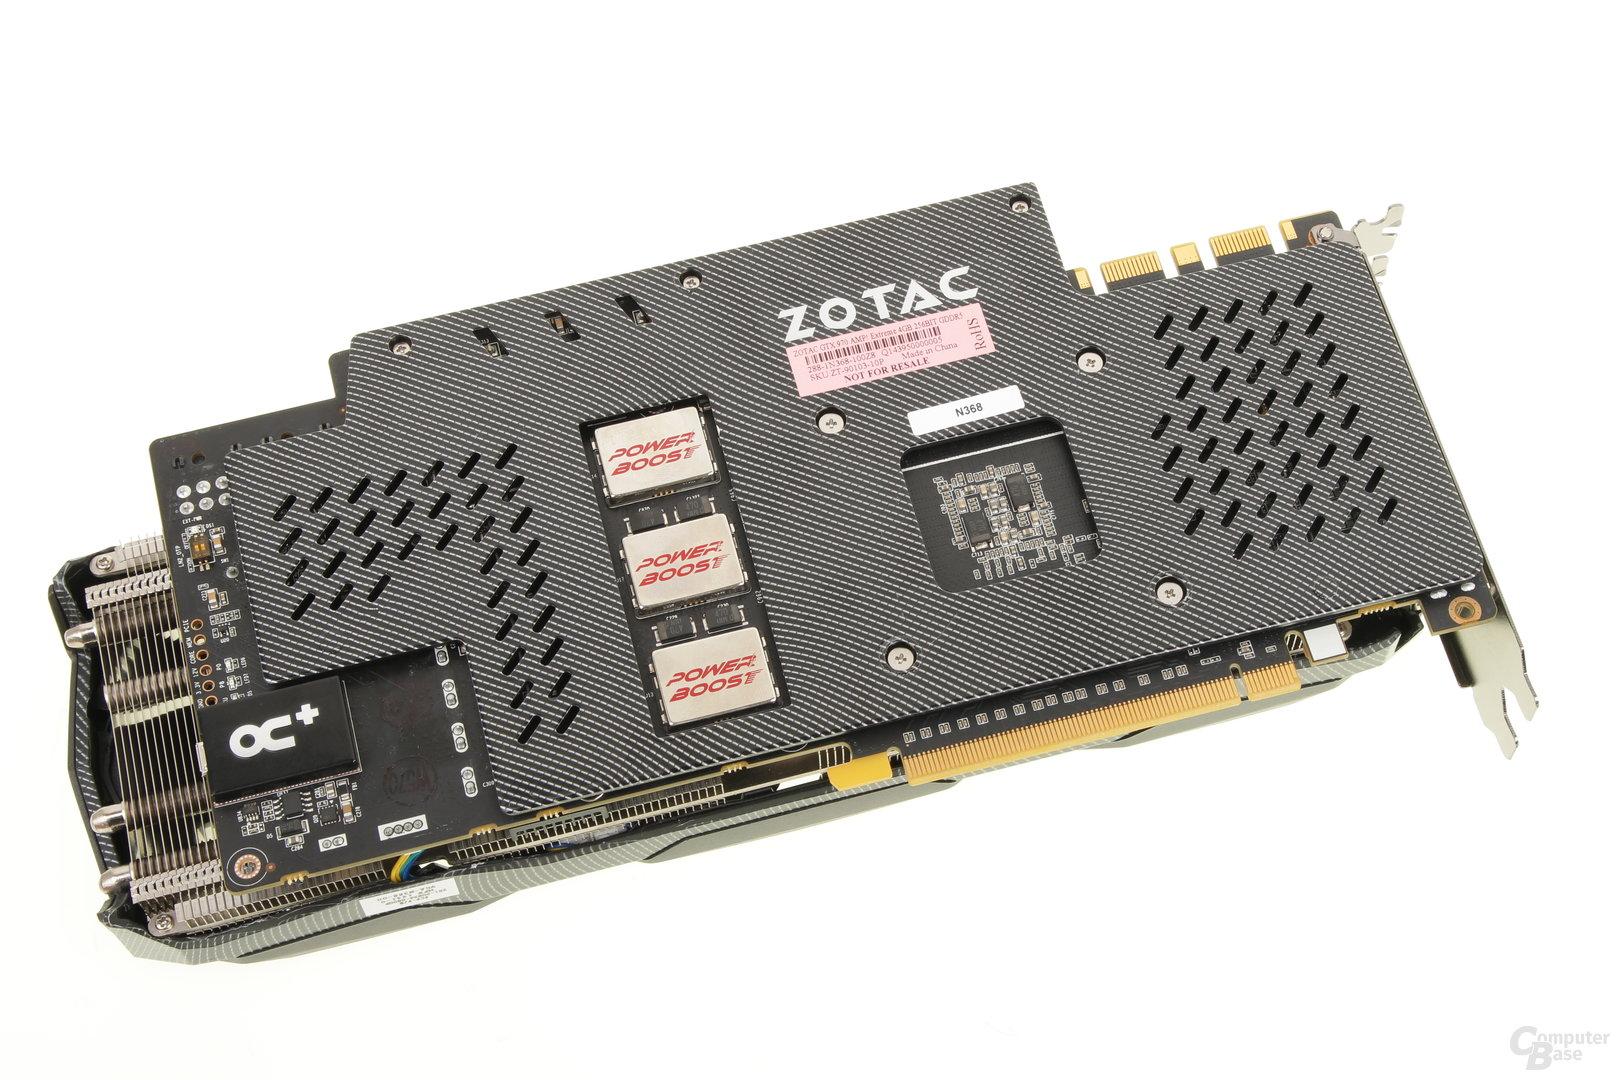 Zotac GeForce GTX 970 Extreme – Rückseite